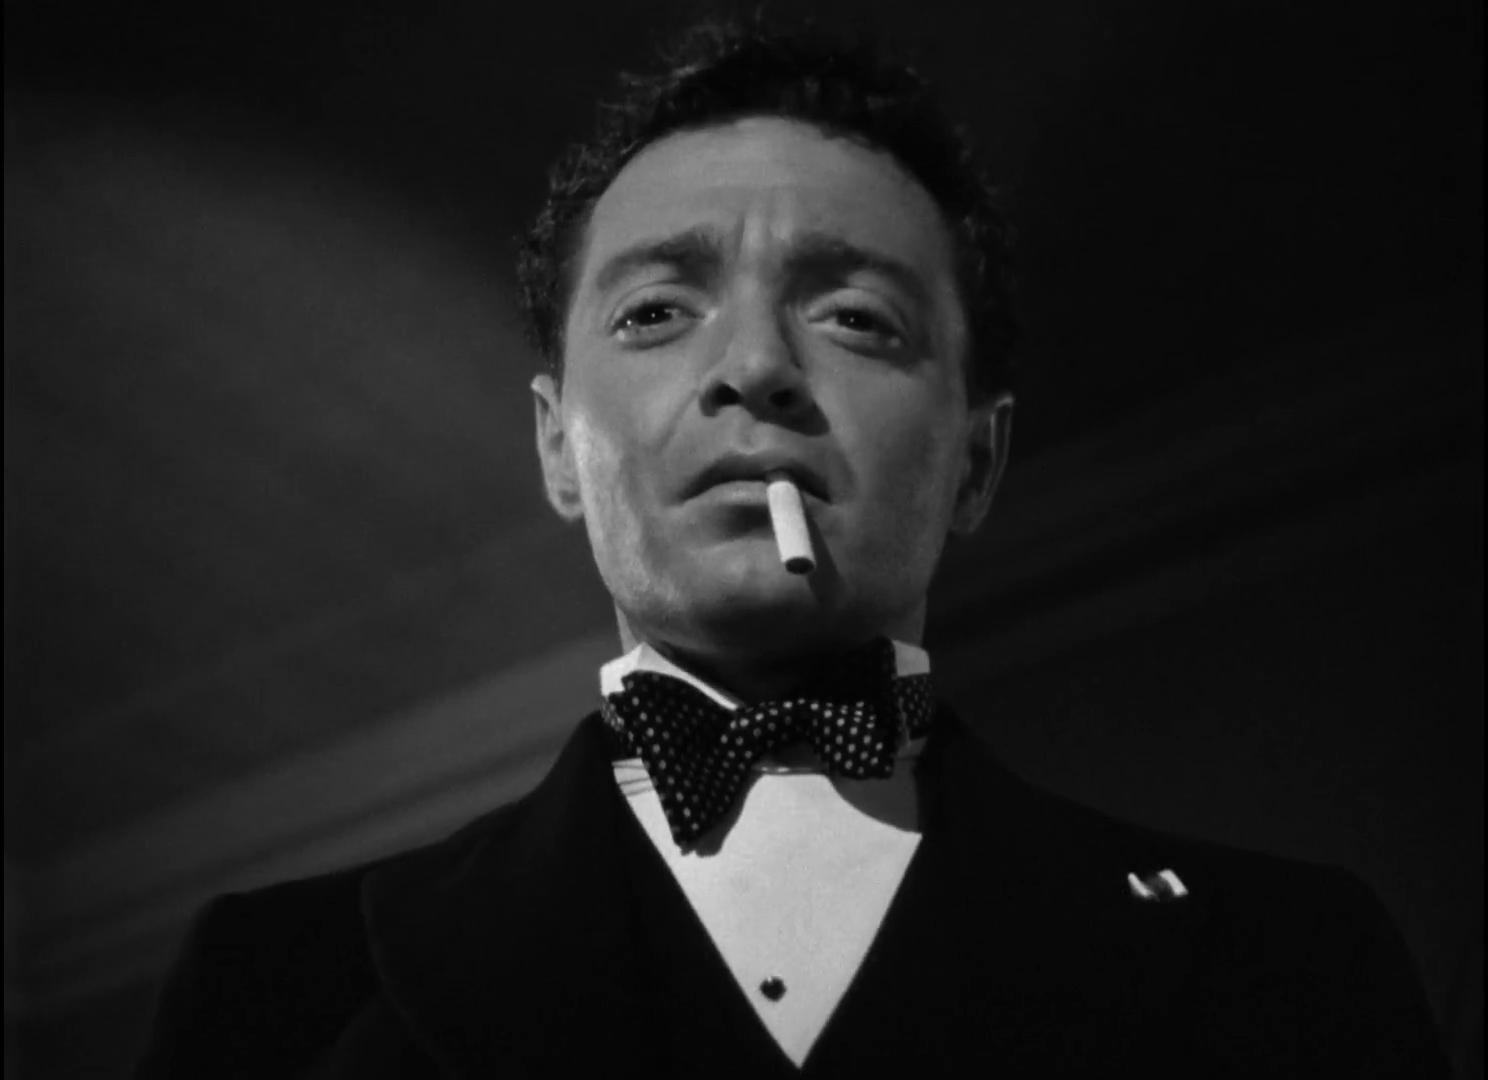 Peter Lorre dans The maltese falcon  (Le faucon maltais, 1941) de John Huston